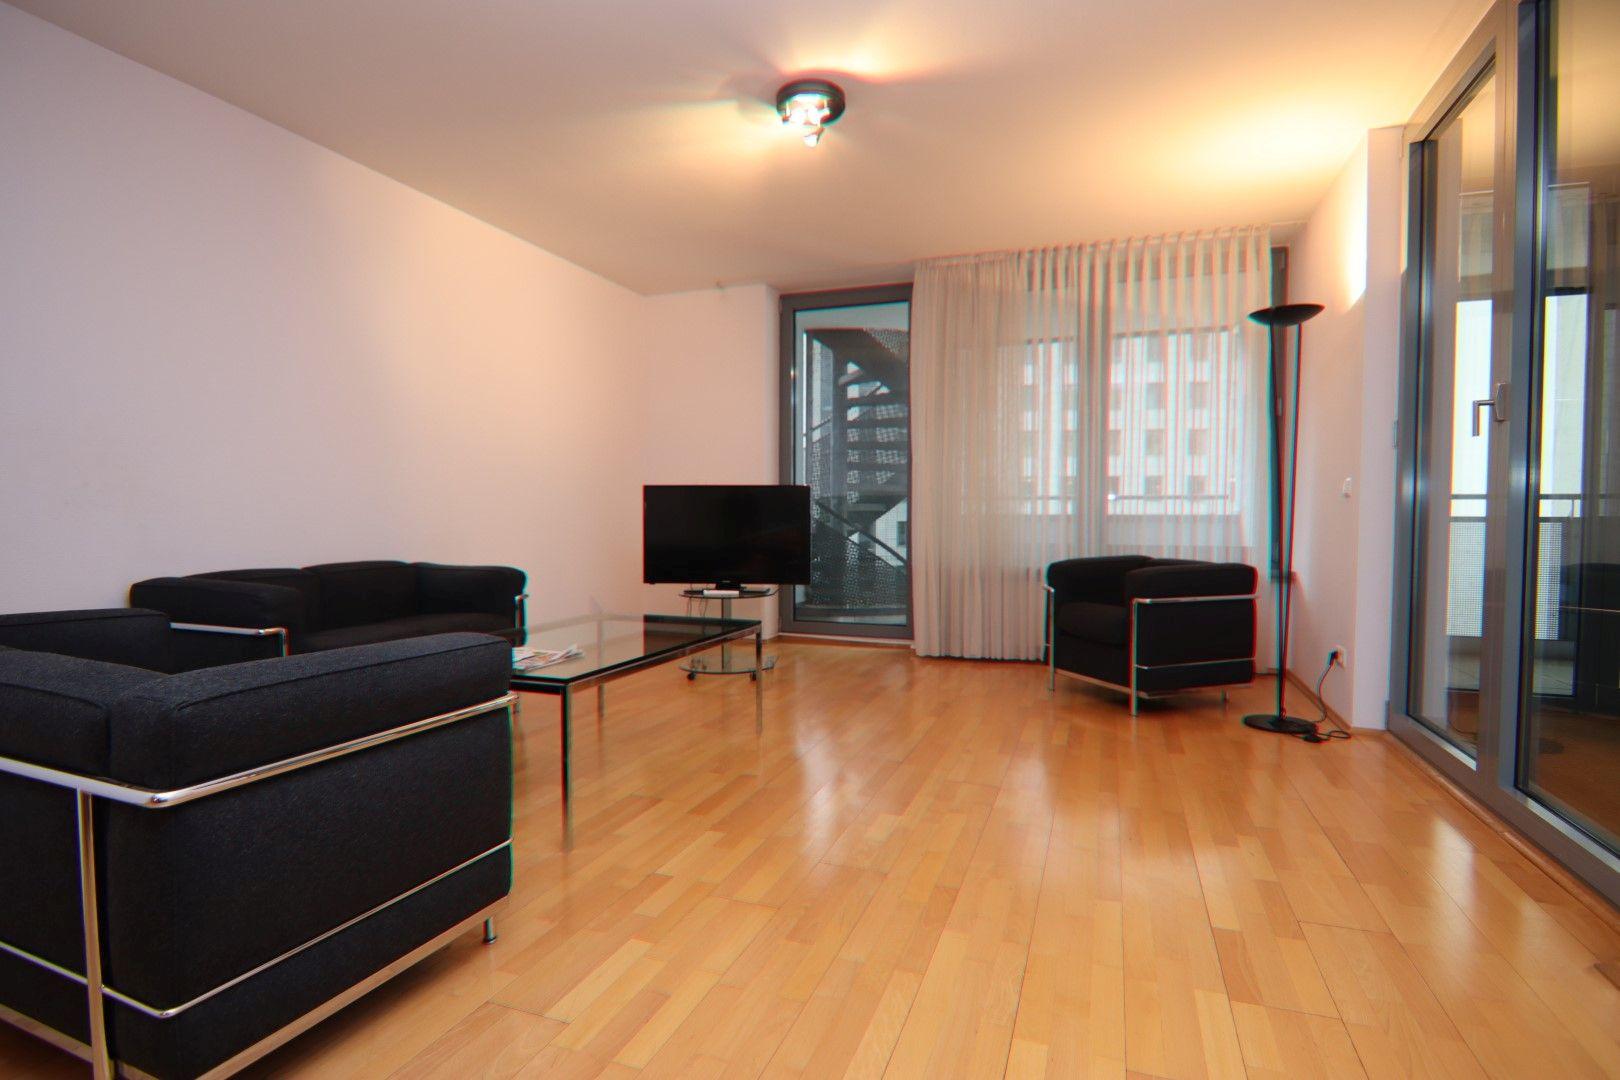 Immobilie Nr.0280 - 2-RAUM-WOHNUNG mit Wintergarten, Stellplatz und Einbauküche  - Bild main.jpg